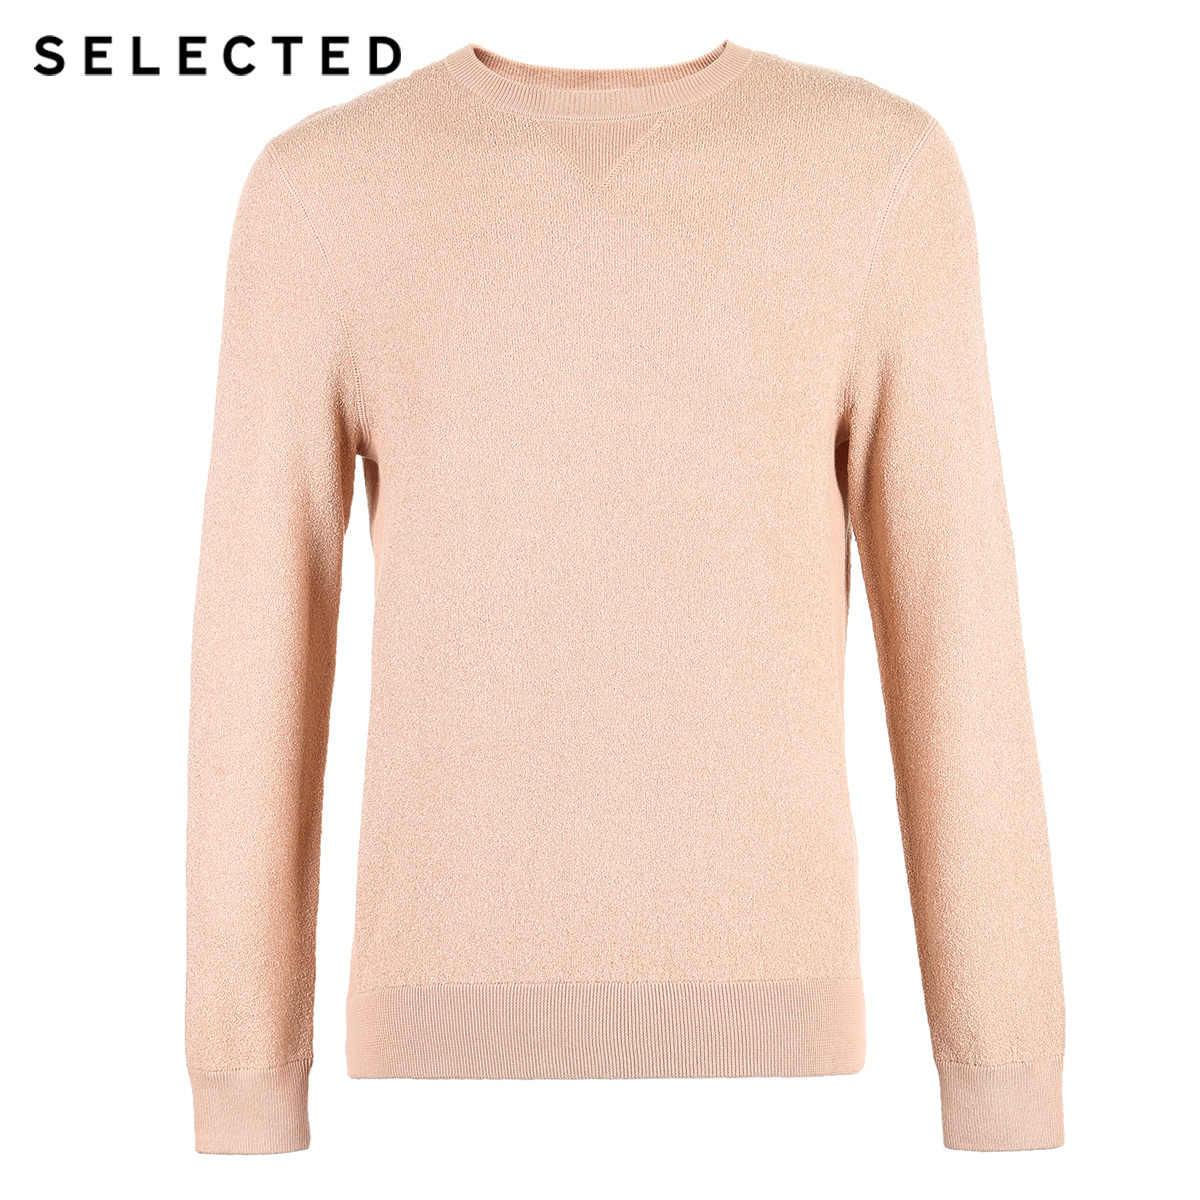 AUSGEWÄHLT Männer der Baumwolle Reine Farbe Pullover Runde Ausschnitt Pullover Stricken Kleidung S | 419124547